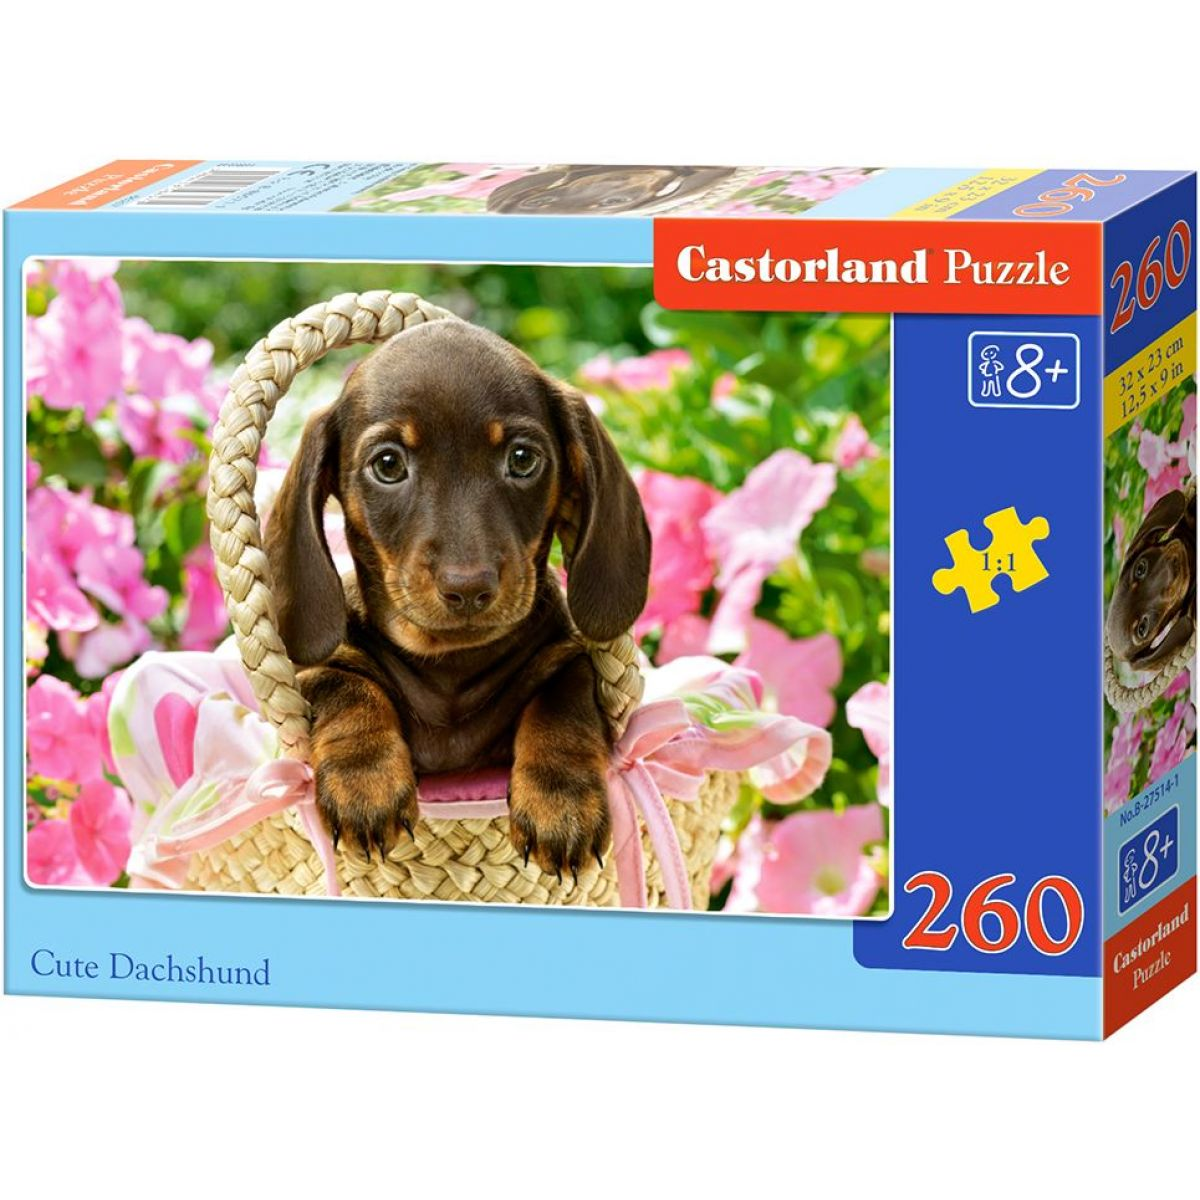 Castorland Puzzle Roztomilý jezevčík v košíku 260 dílků